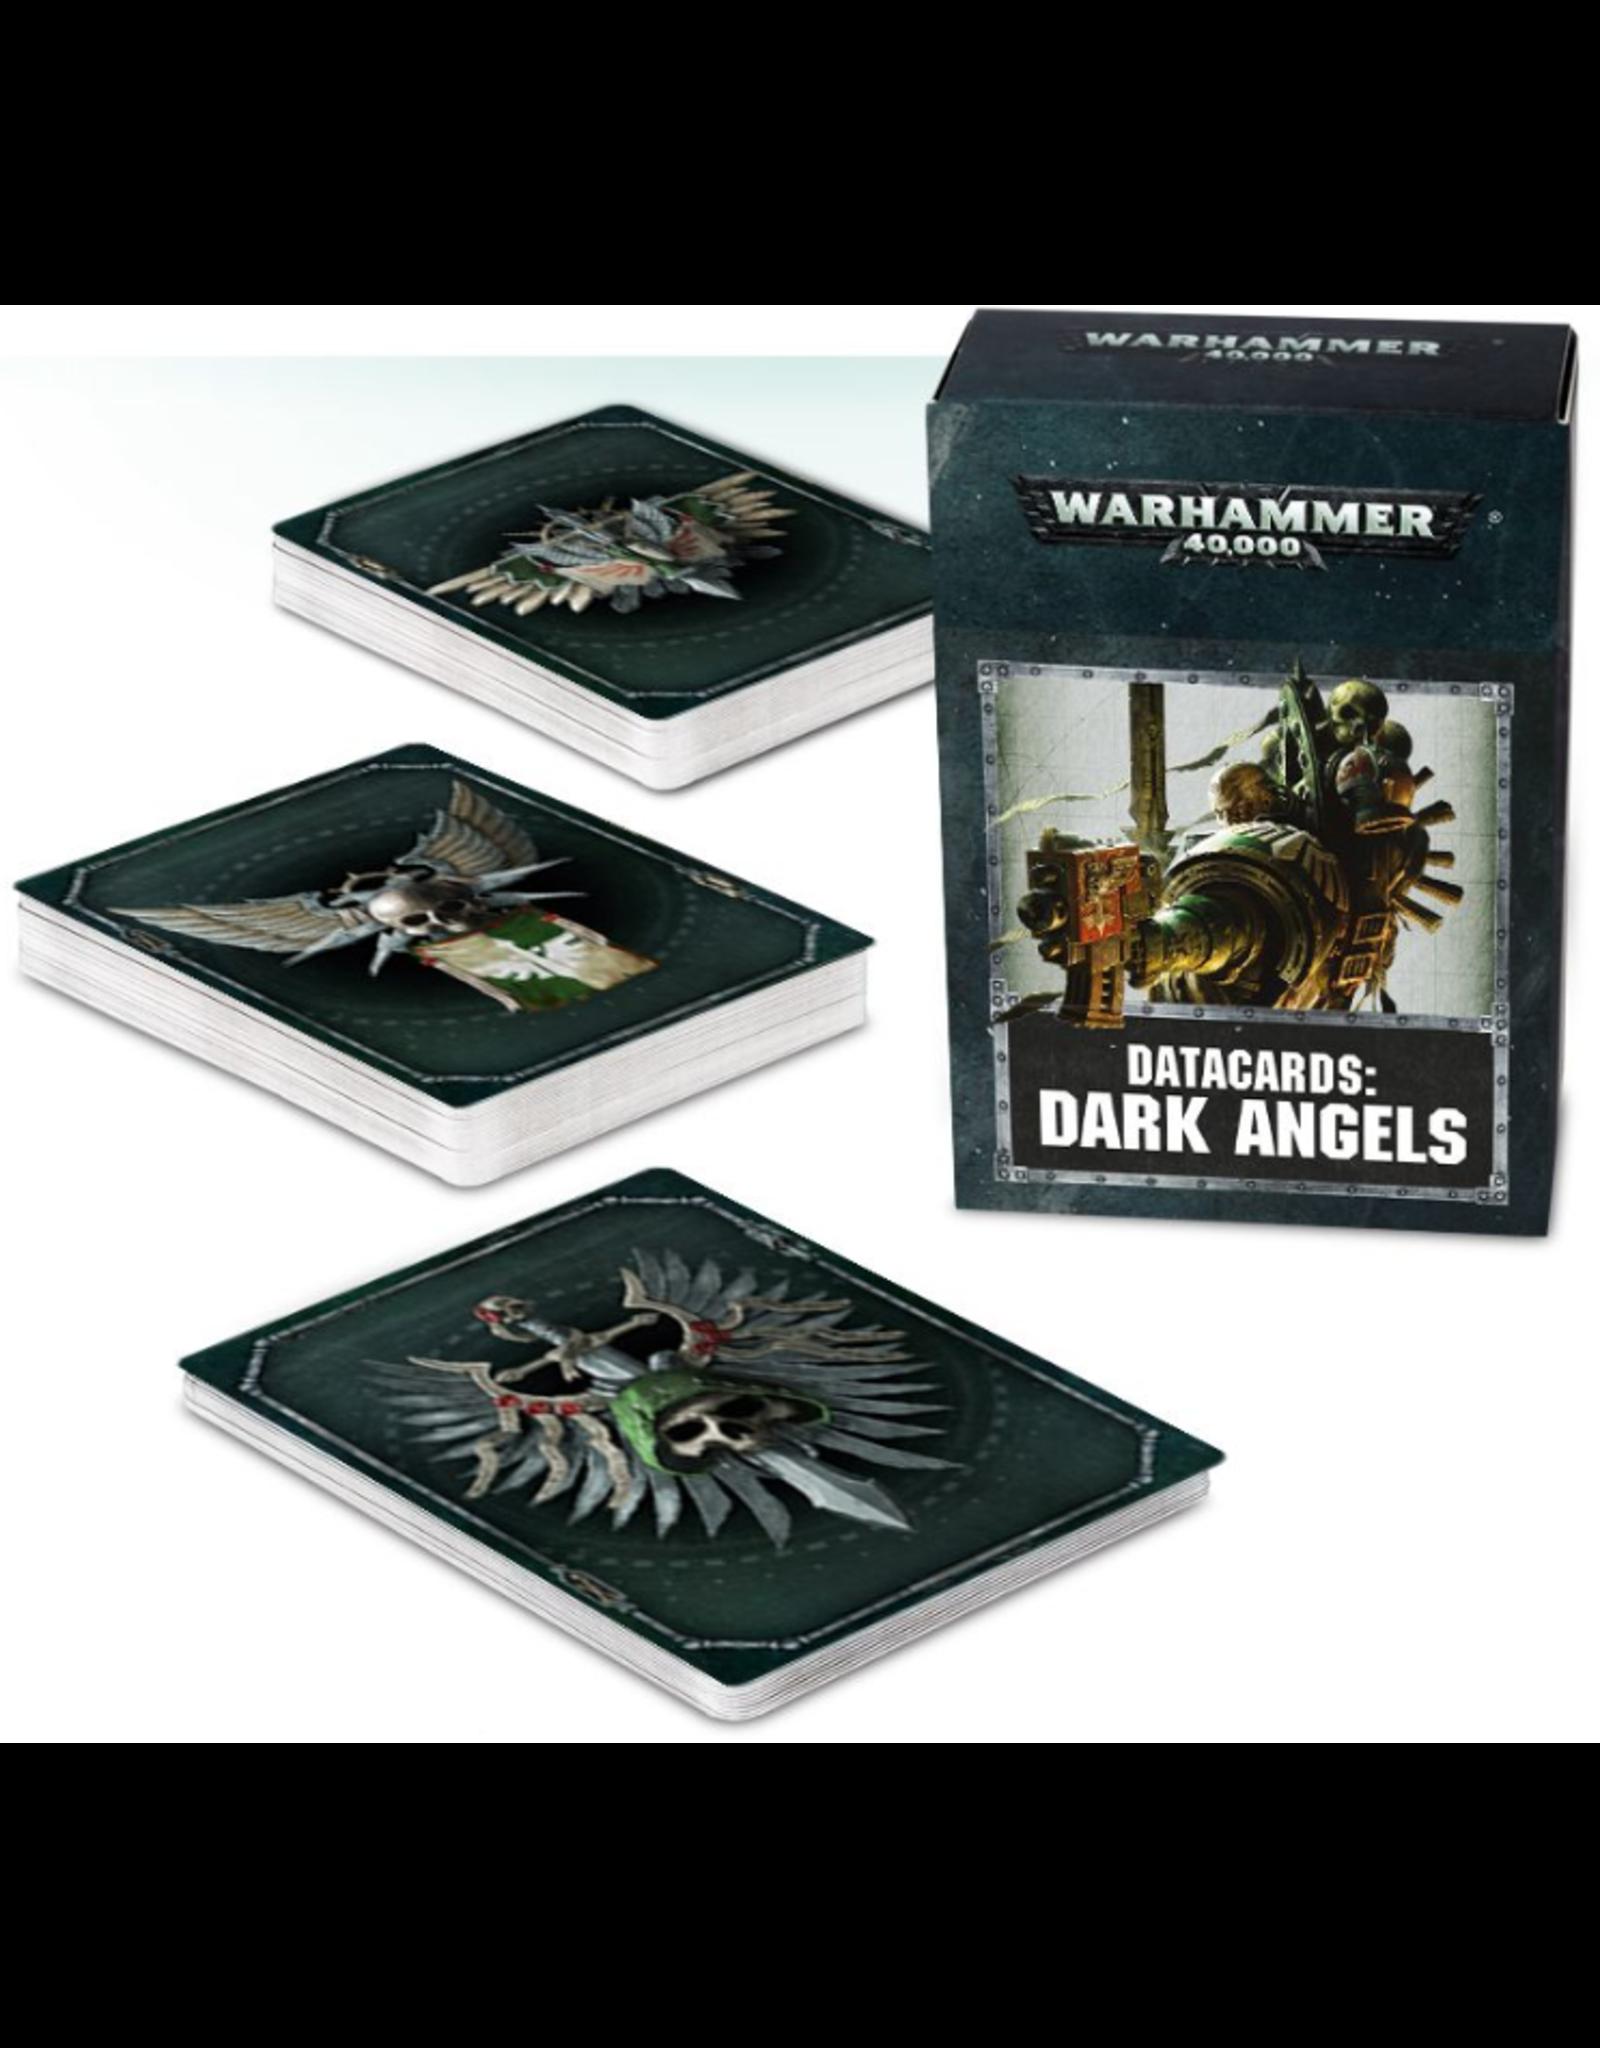 Warhammer 40K Datacards Dark Angels